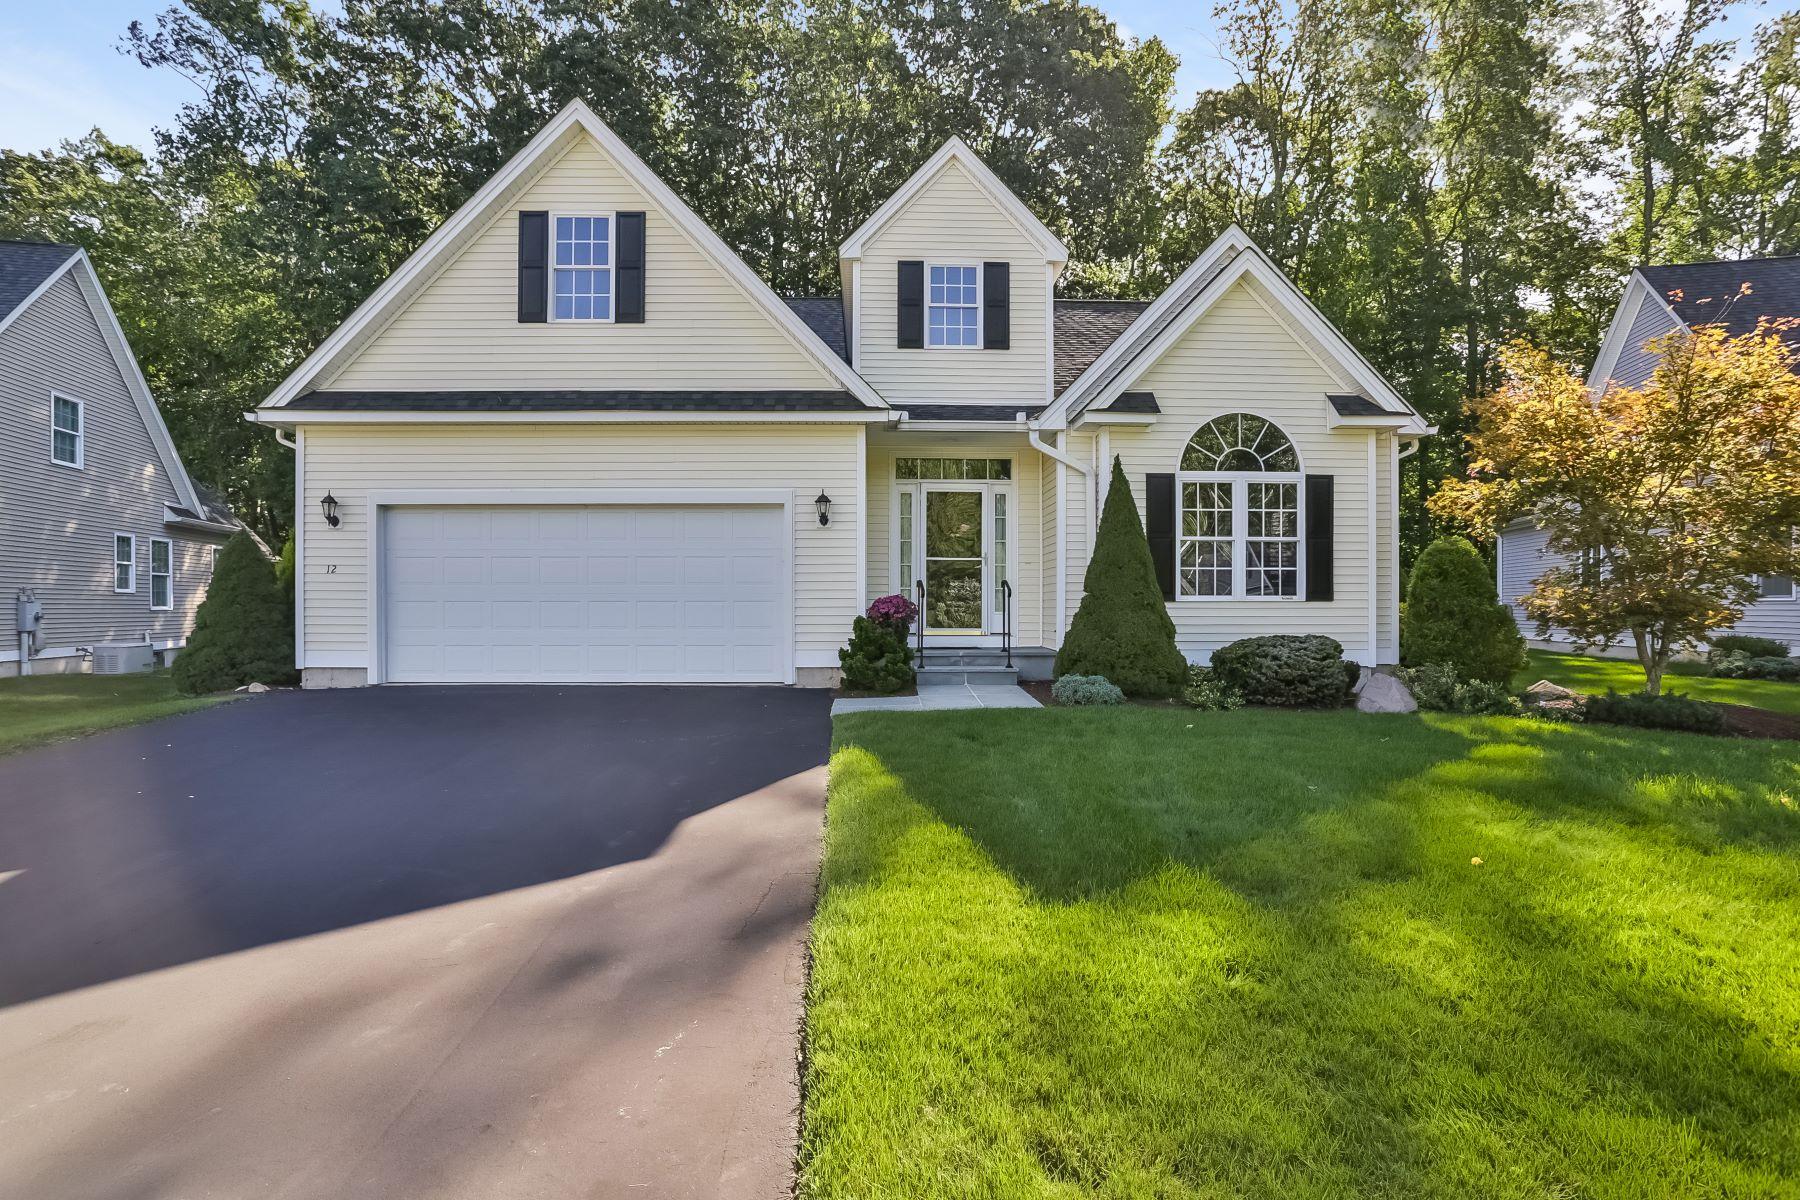 شقة بعمارة للـ Sale في 12 Riverwalk Branford, Connecticut, 06405 United States